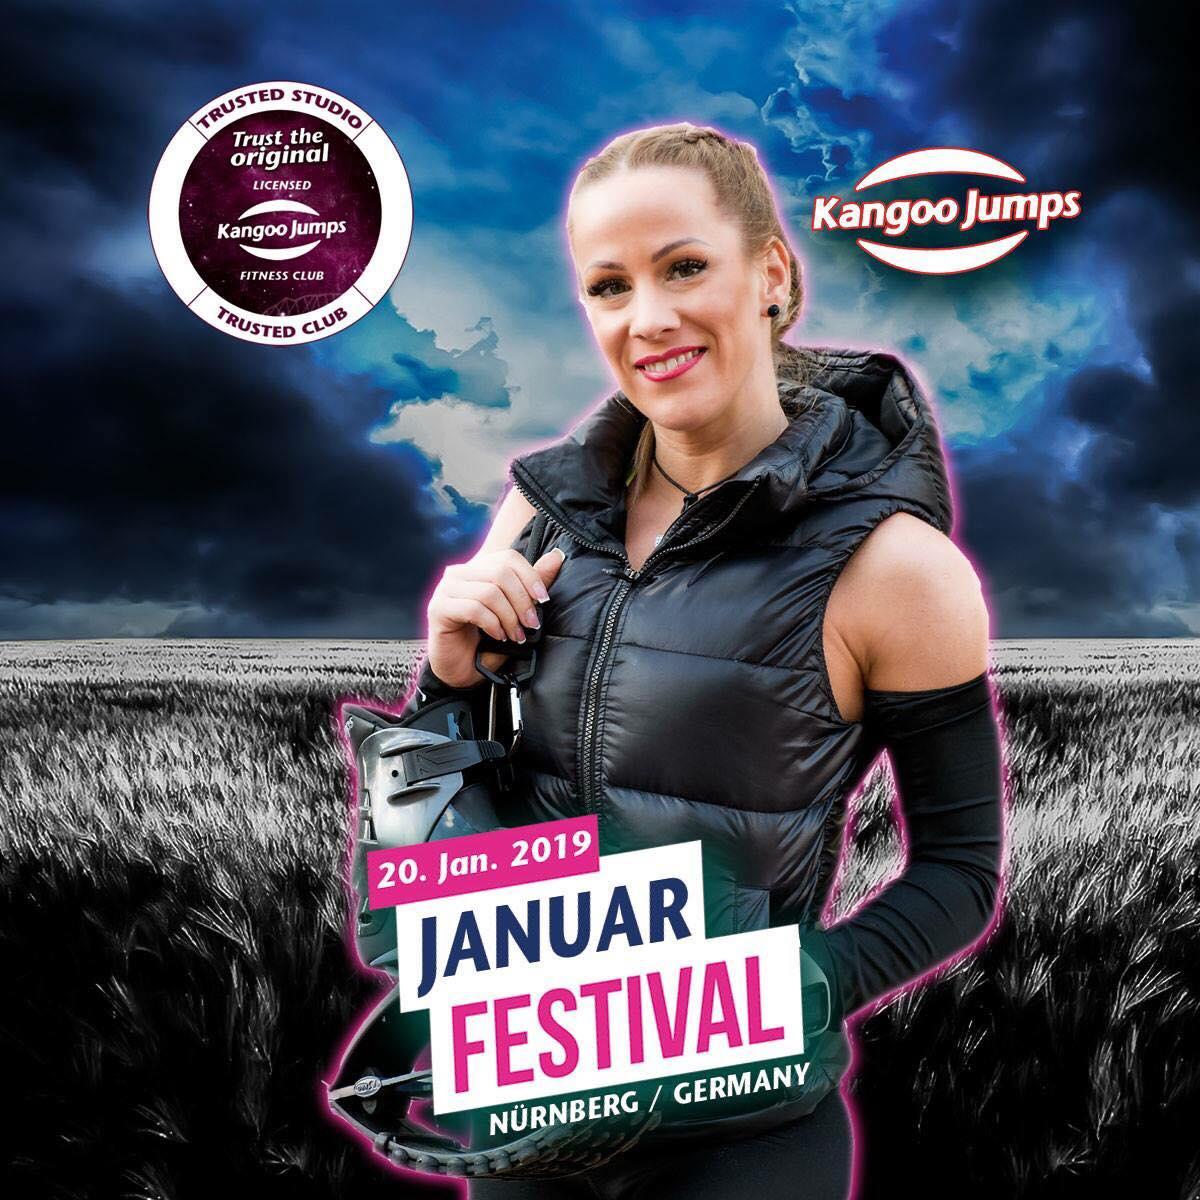 Kangoo Januar Festival Nürnberg